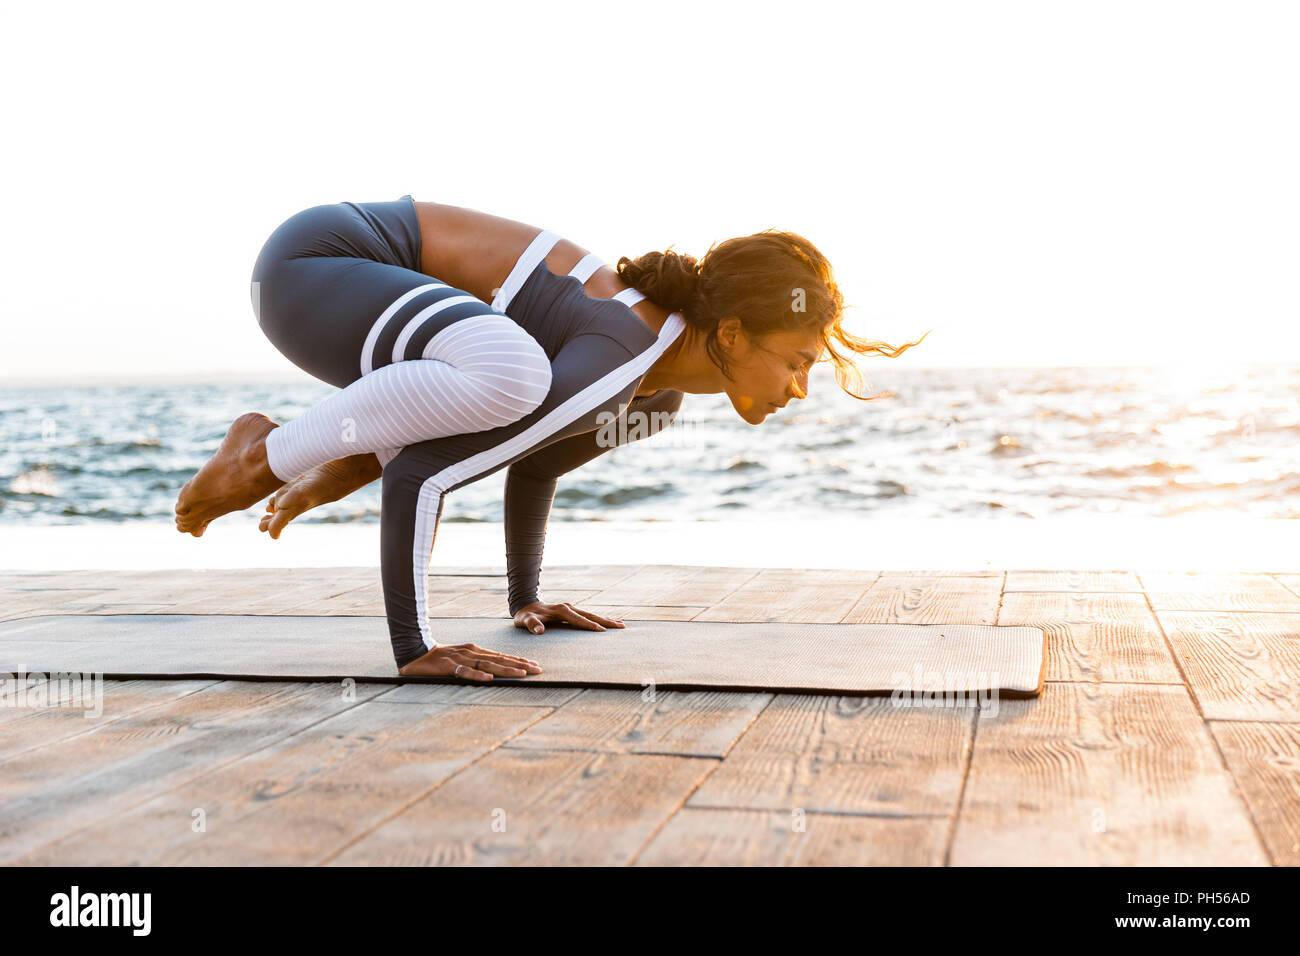 Foto di young lady fitness all'aperto in spiaggia fare yoga esercizi di stretching. Immagini Stock